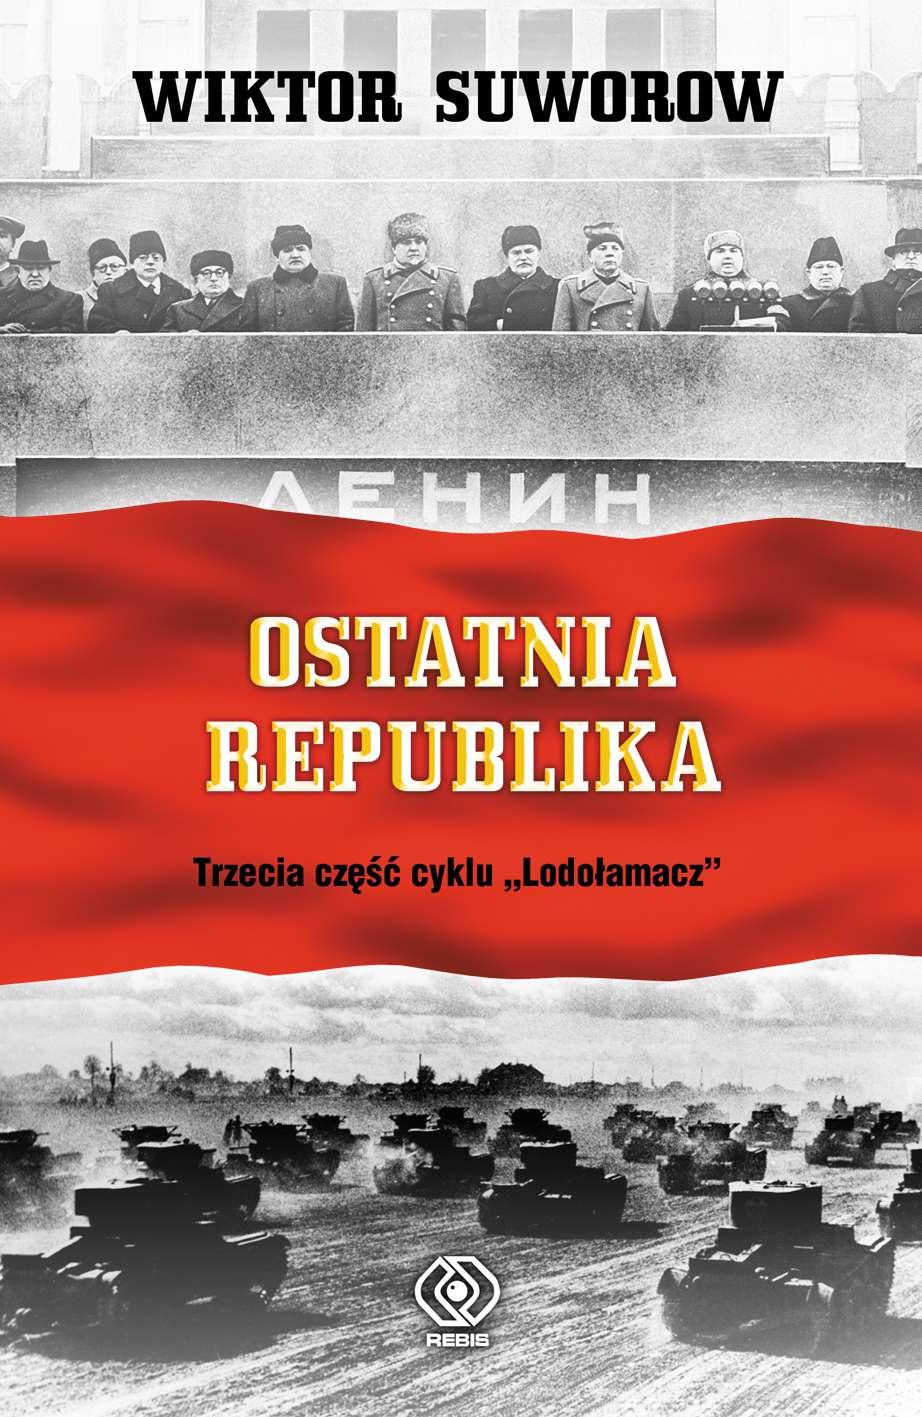 Ostatnia republika - Ebook (Książka na Kindle) do pobrania w formacie MOBI